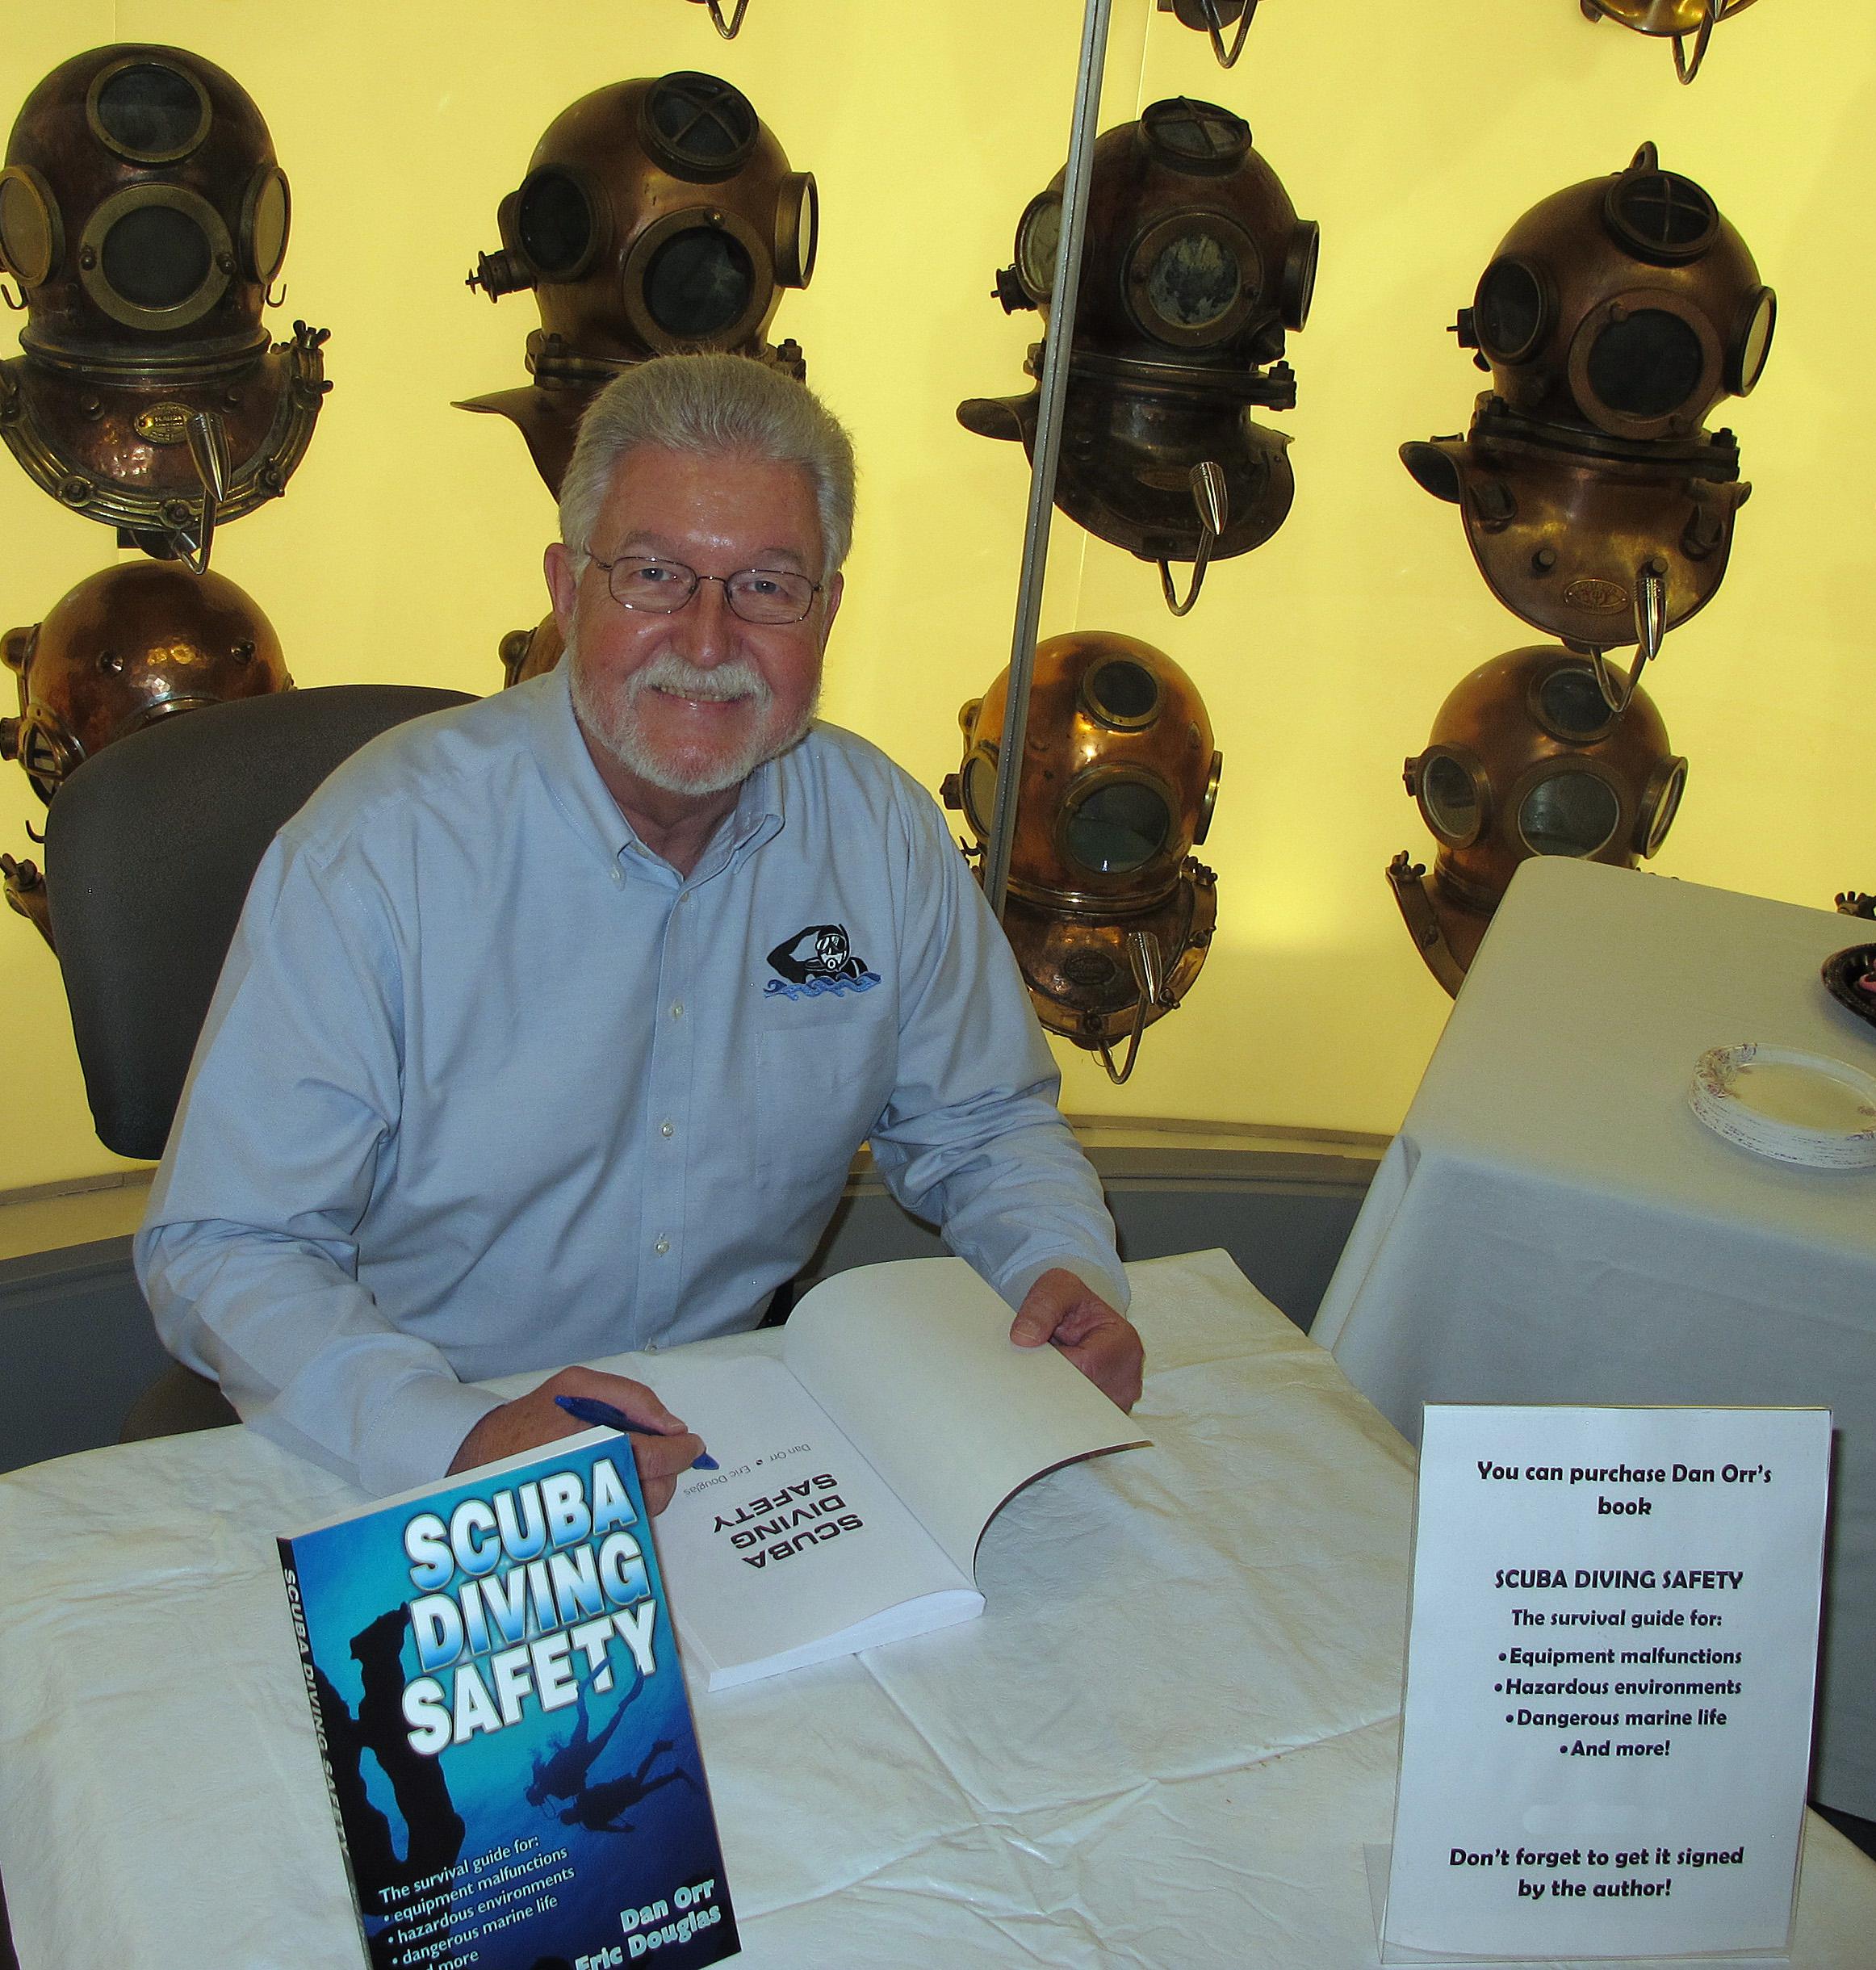 Dan Orr Scuba Diving Safety